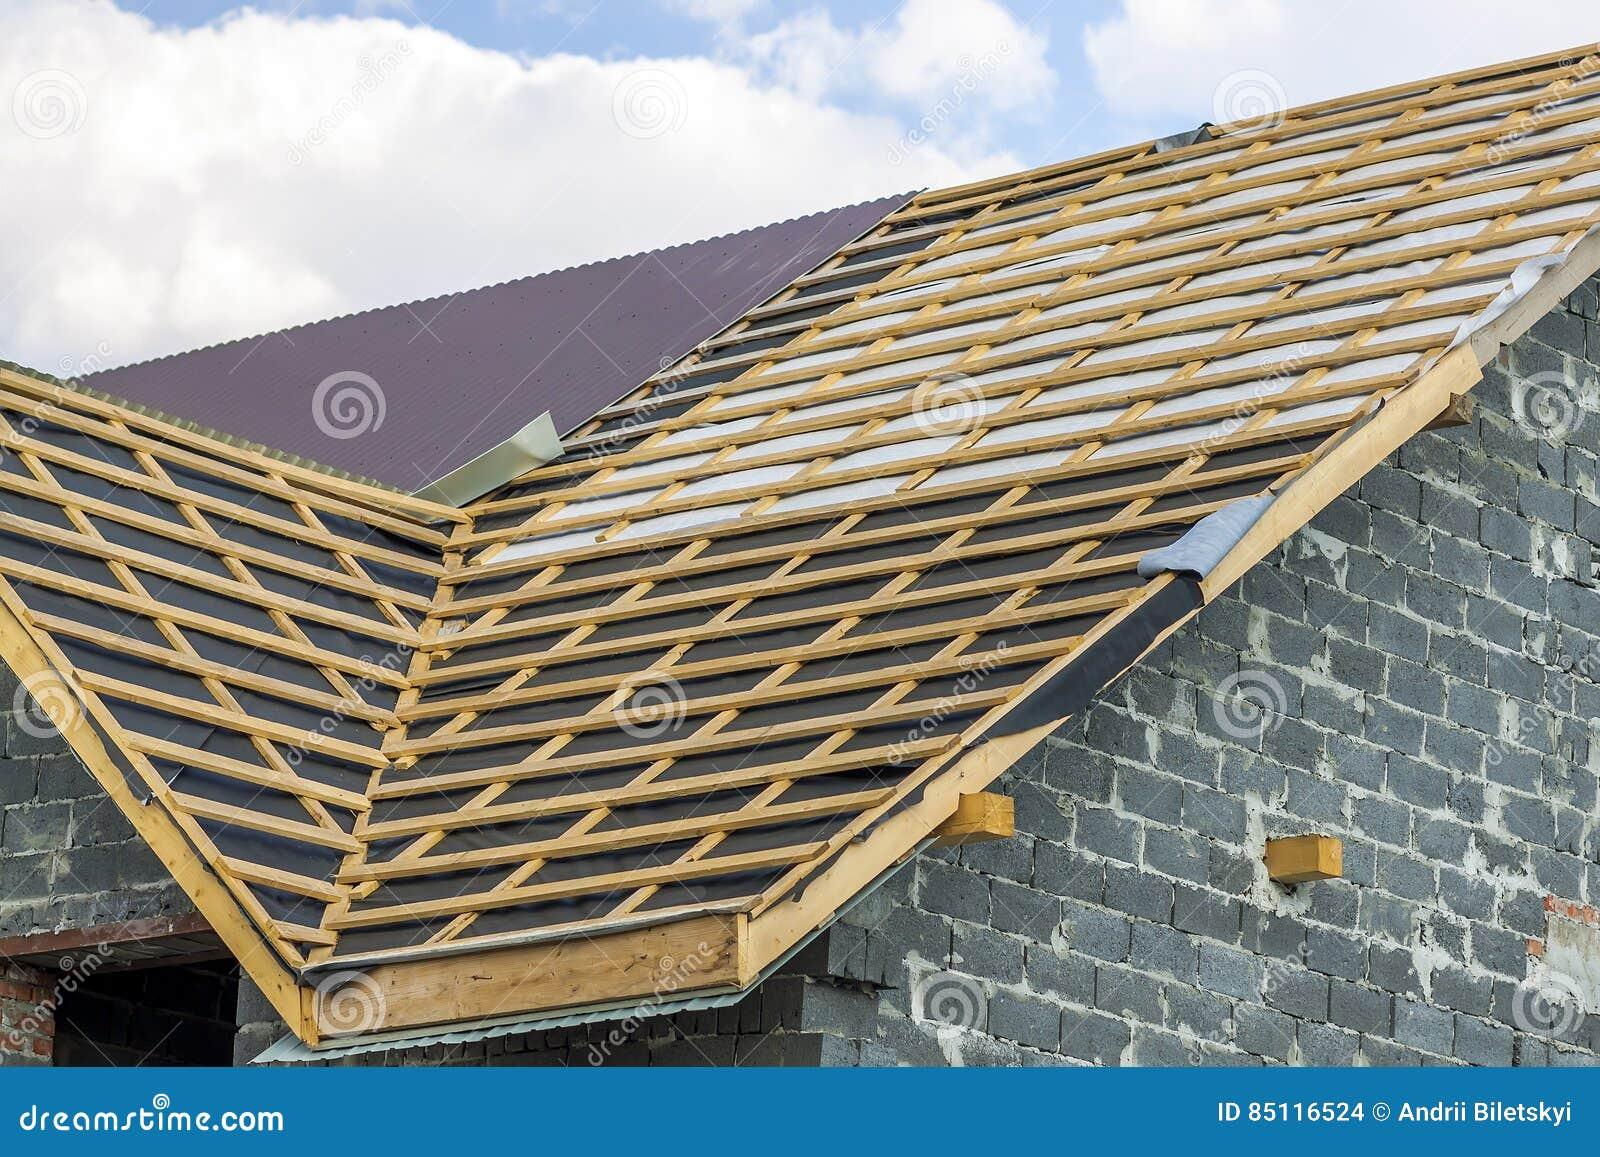 construction de toiture construction en bois de chambre de. Black Bedroom Furniture Sets. Home Design Ideas